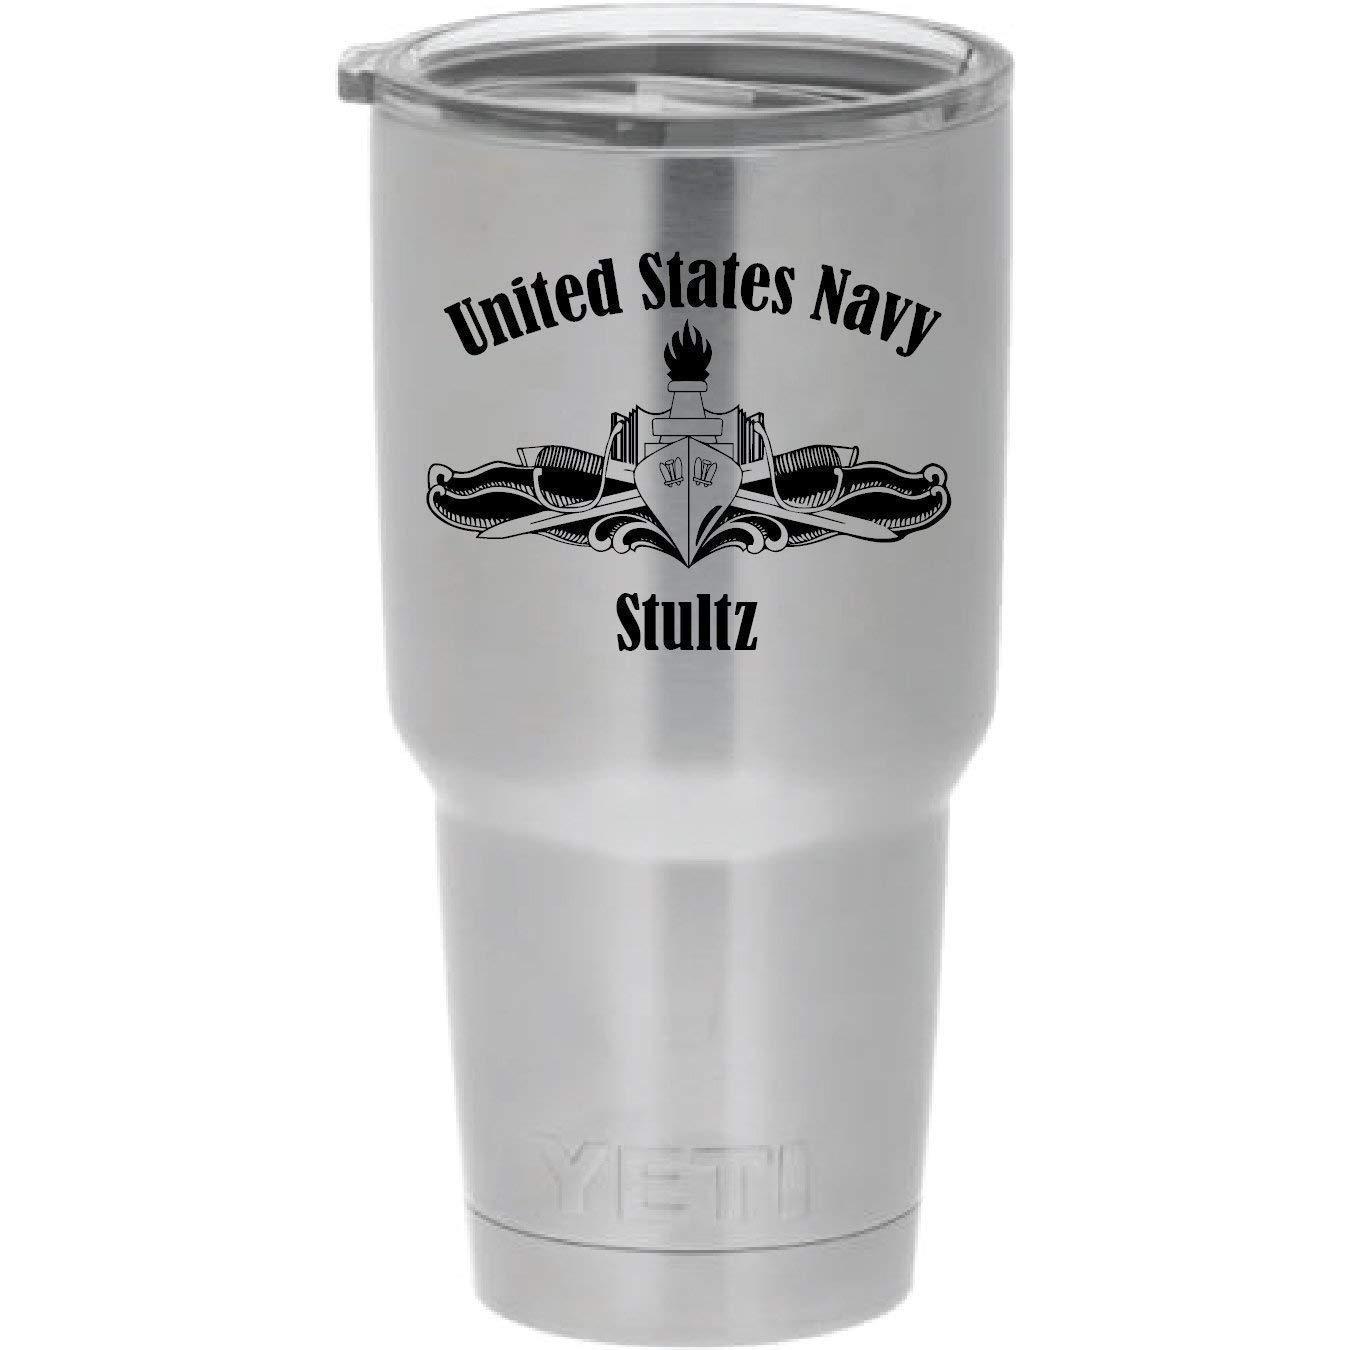 YETI Rambler US Navy Surface Weekly update Free Shipping Cheap Bargain Gift Laser Stai Design Engraved Warfare